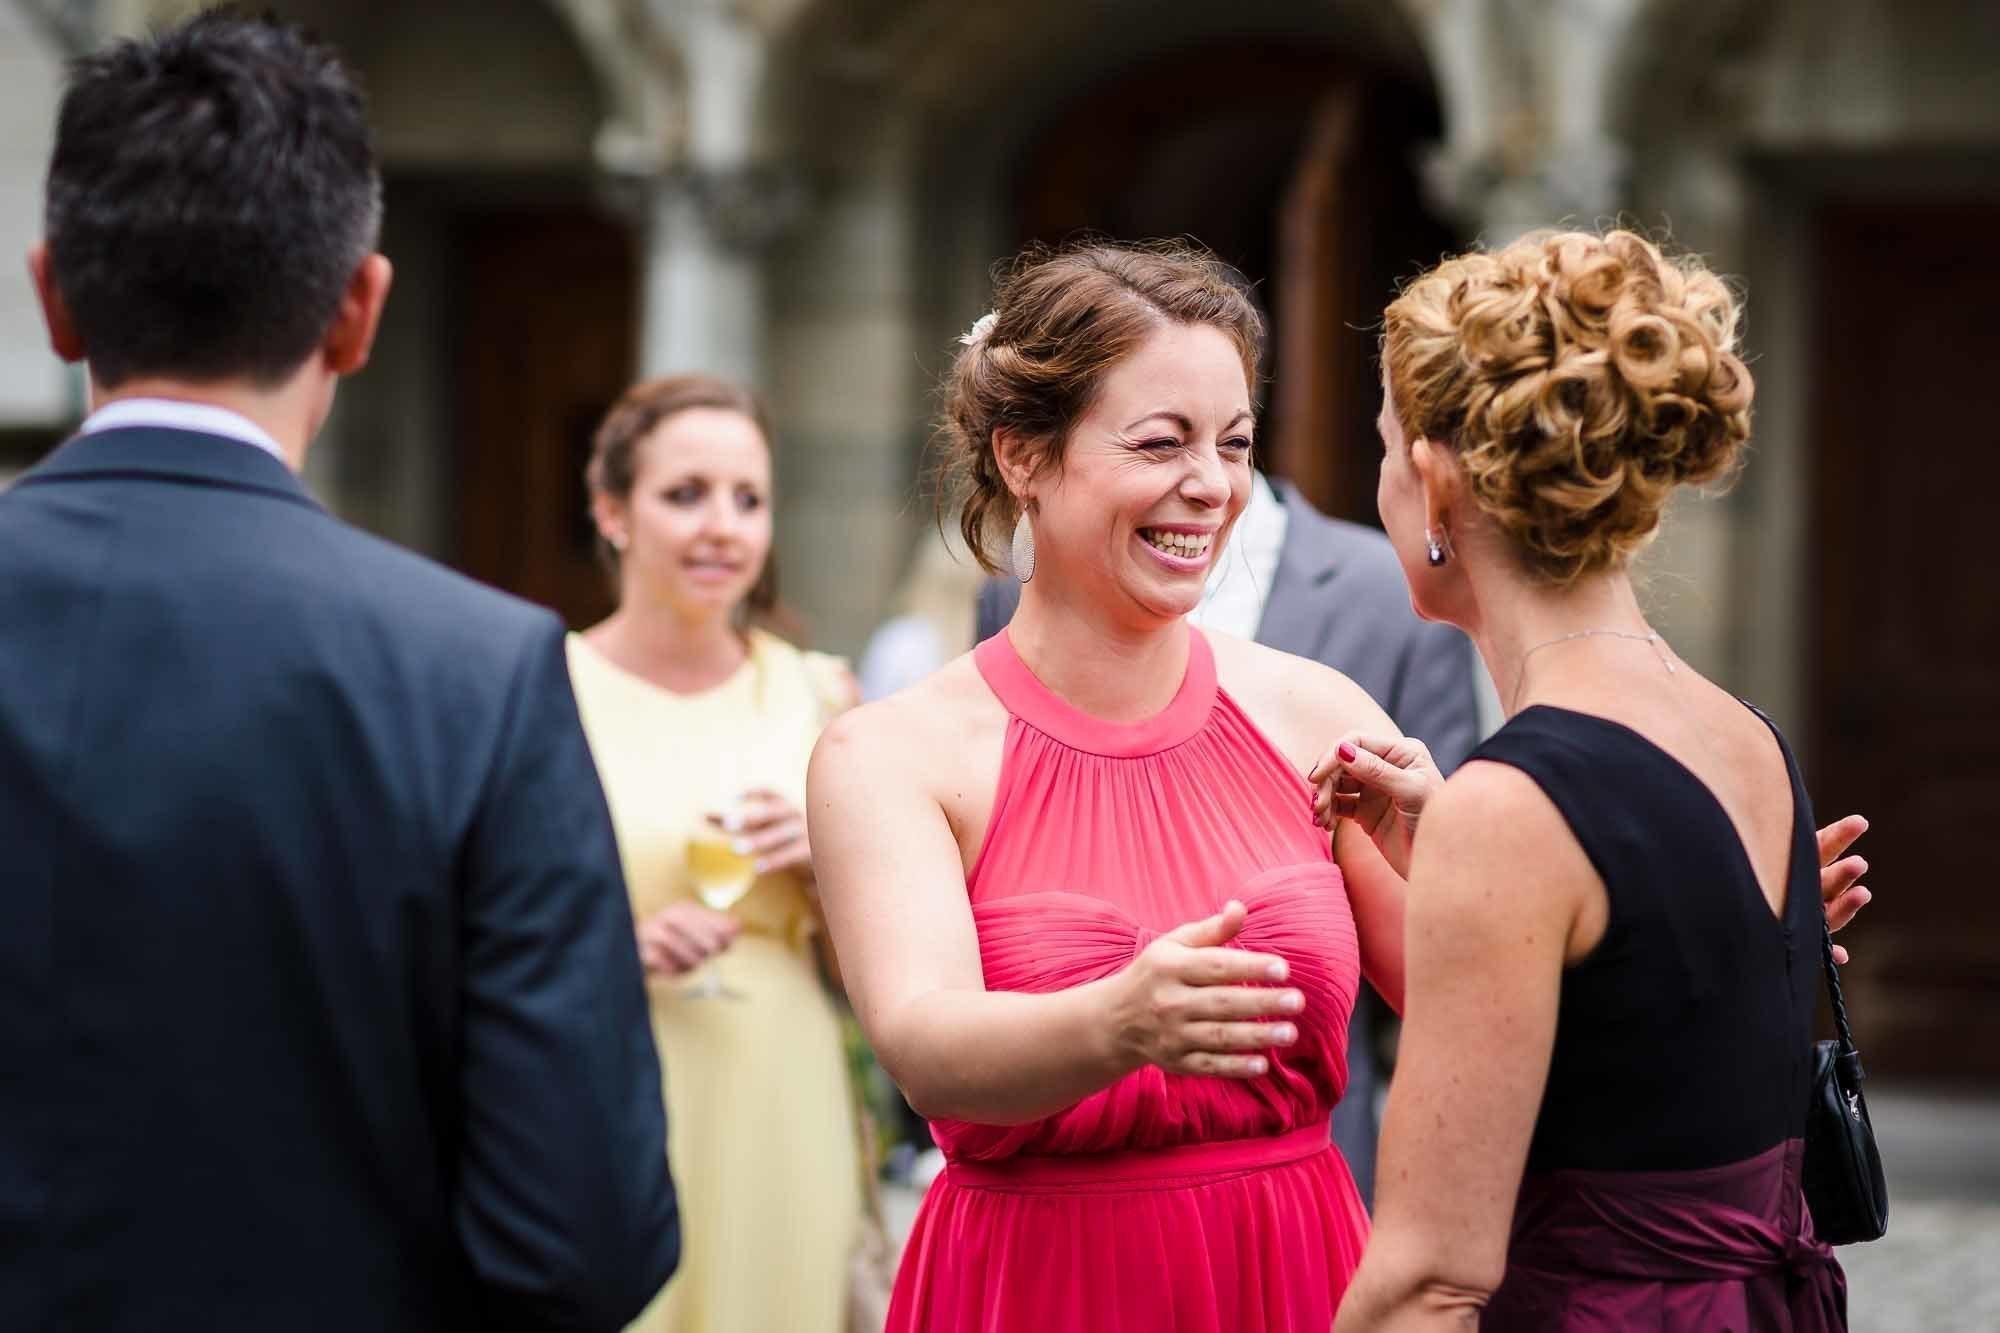 Begrüssung der Hochzeitsgäste